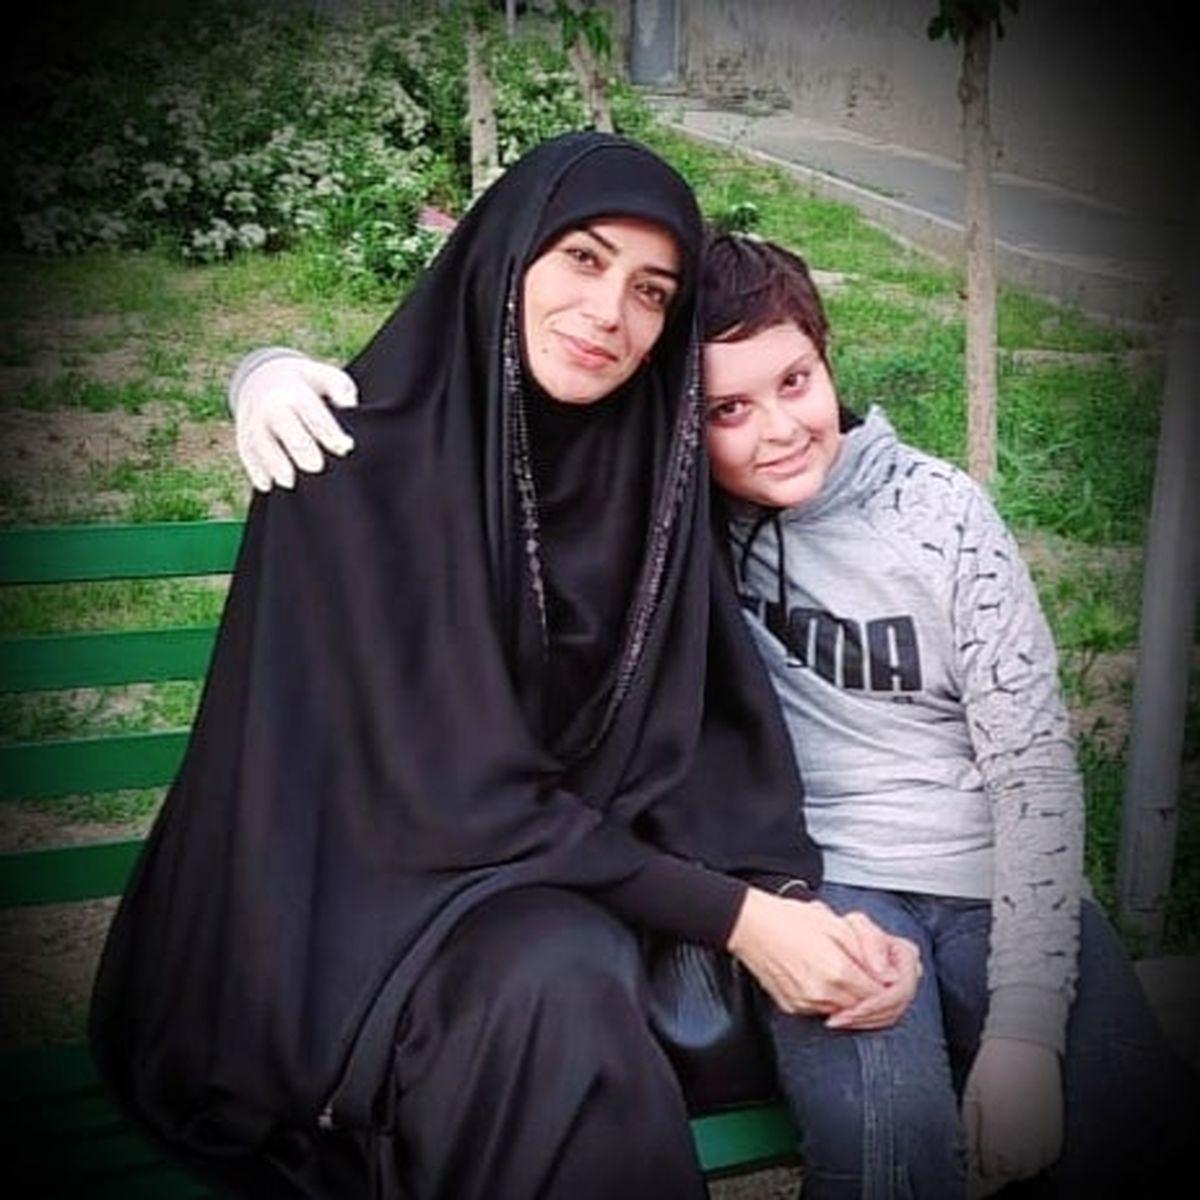 عکس خاص الهام چرخنده و همسر روحانی اش در خارج از کشور   عکسهای الهام چرخنده و همسر سومش